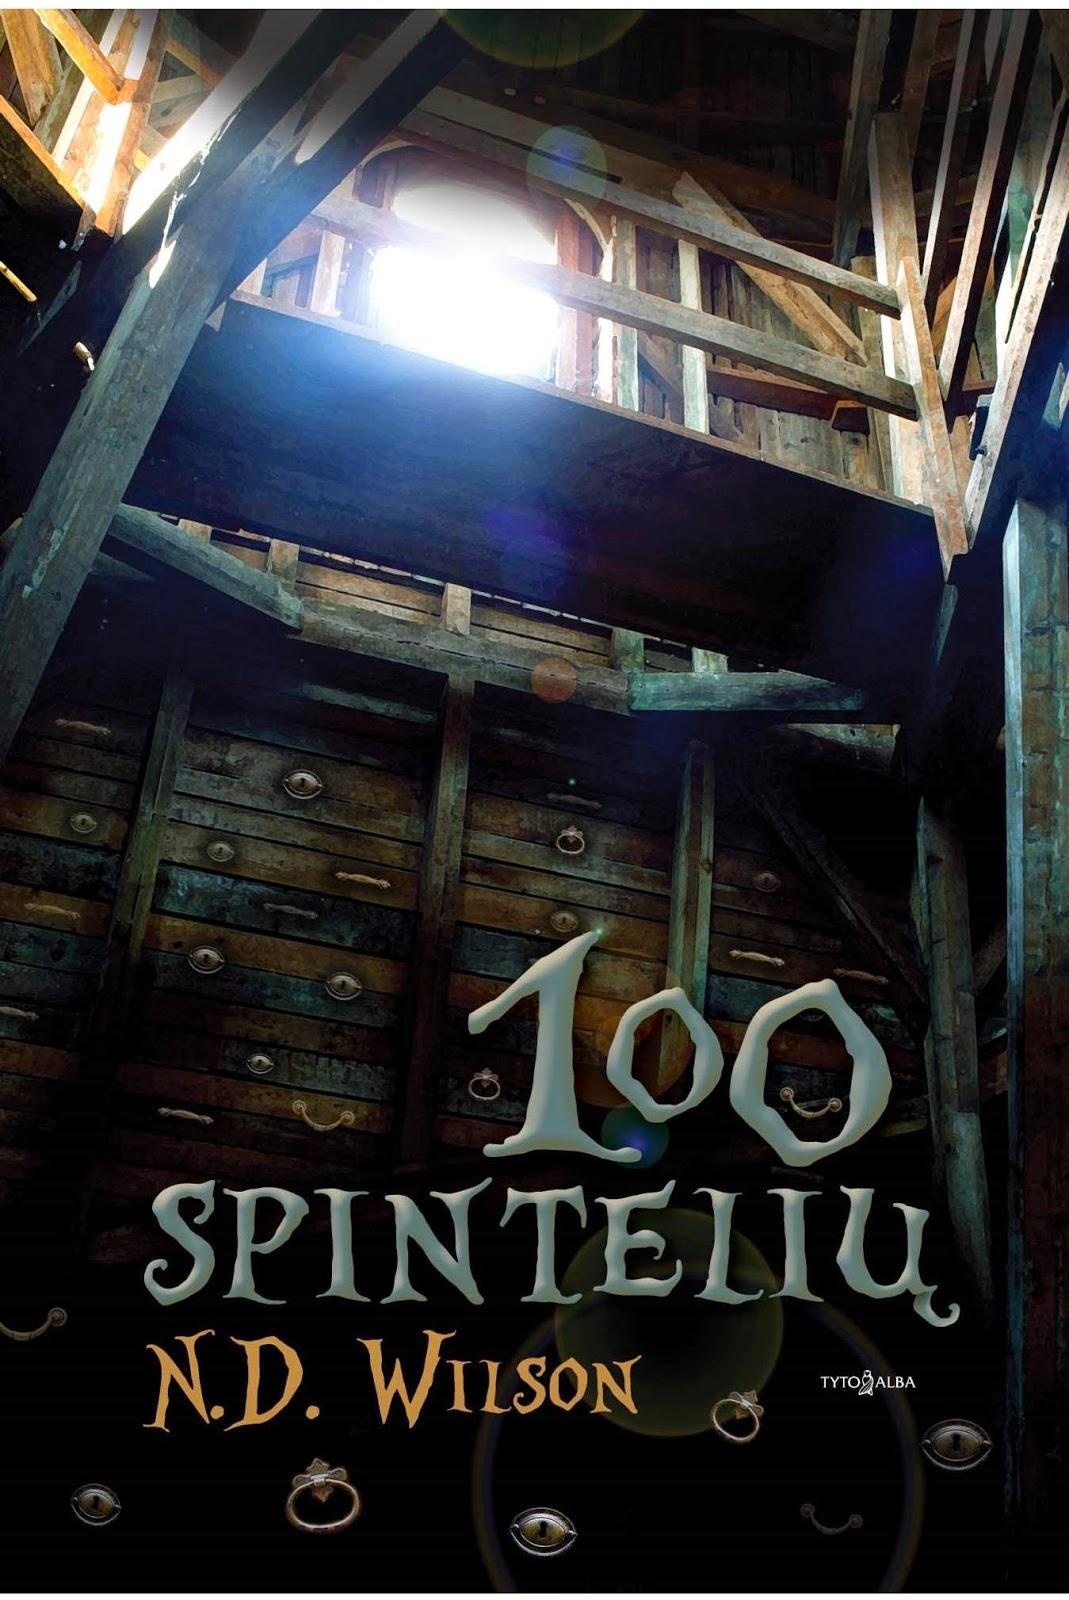 http://skaitymovalandos.blogspot.com/2014/11/n-d-wilson-100-spinteliu.html